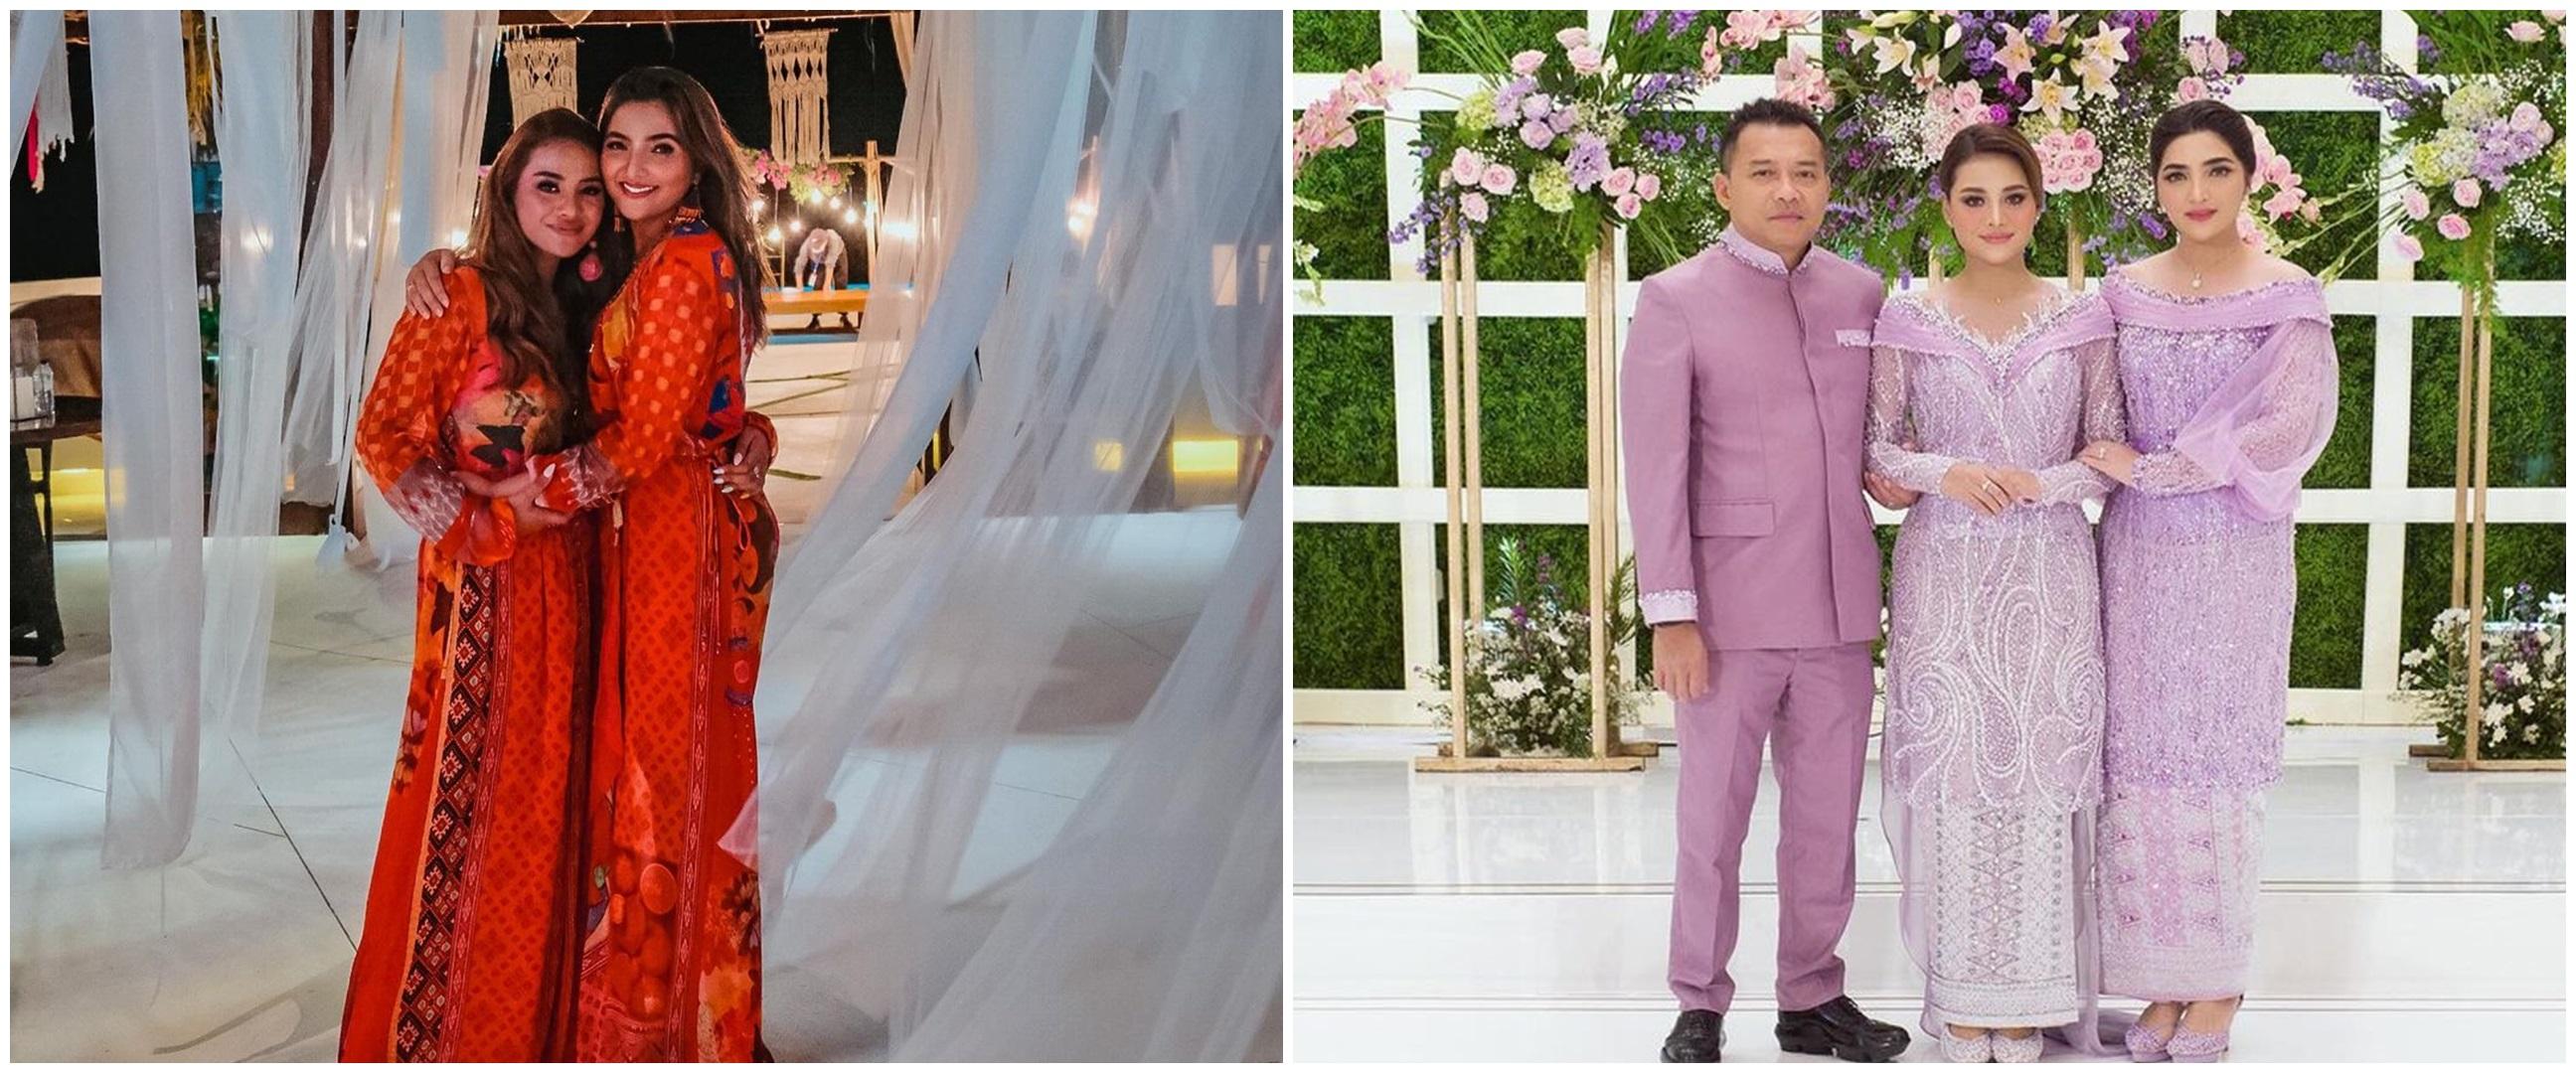 Jelang momen nikah, Ashanty tulis pesan haru untuk Aurel Hermansyah